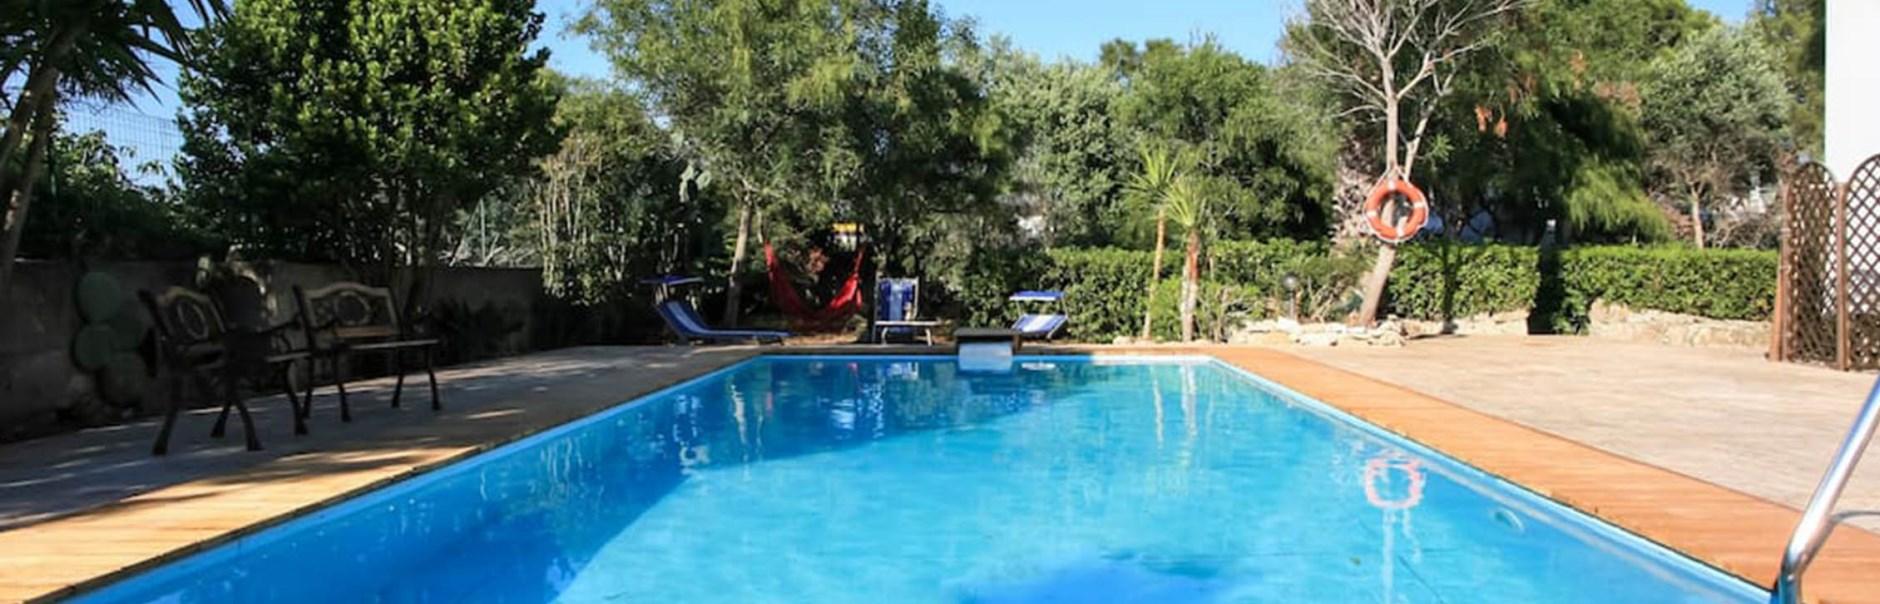 Villa Borrega - Gallipoli - Lido Pizzo